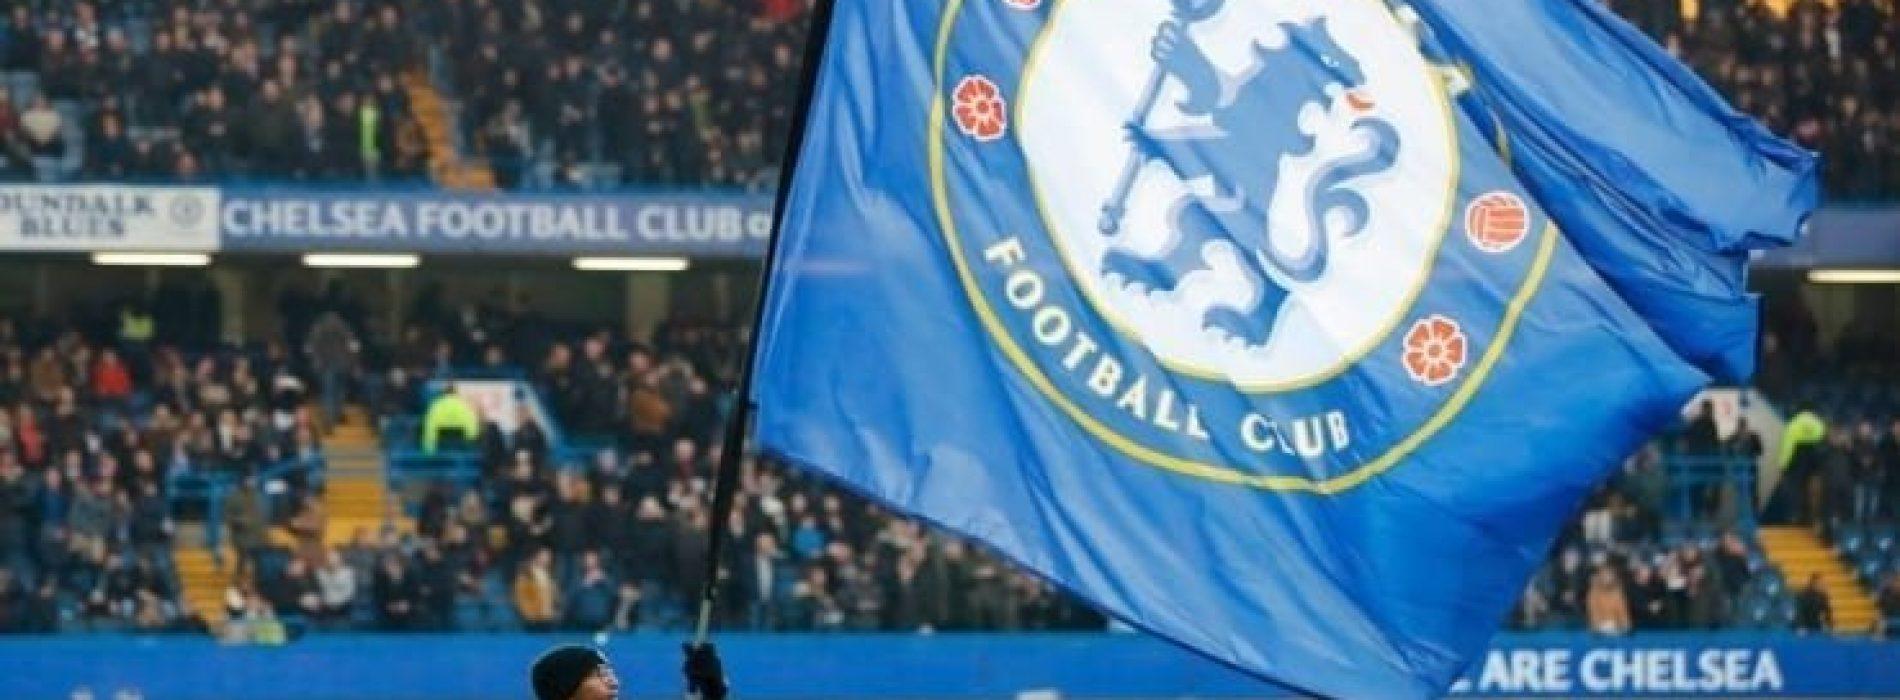 Chelsea blocco mercato: il Cas potrebbe revocarlo, filtra ottimismo